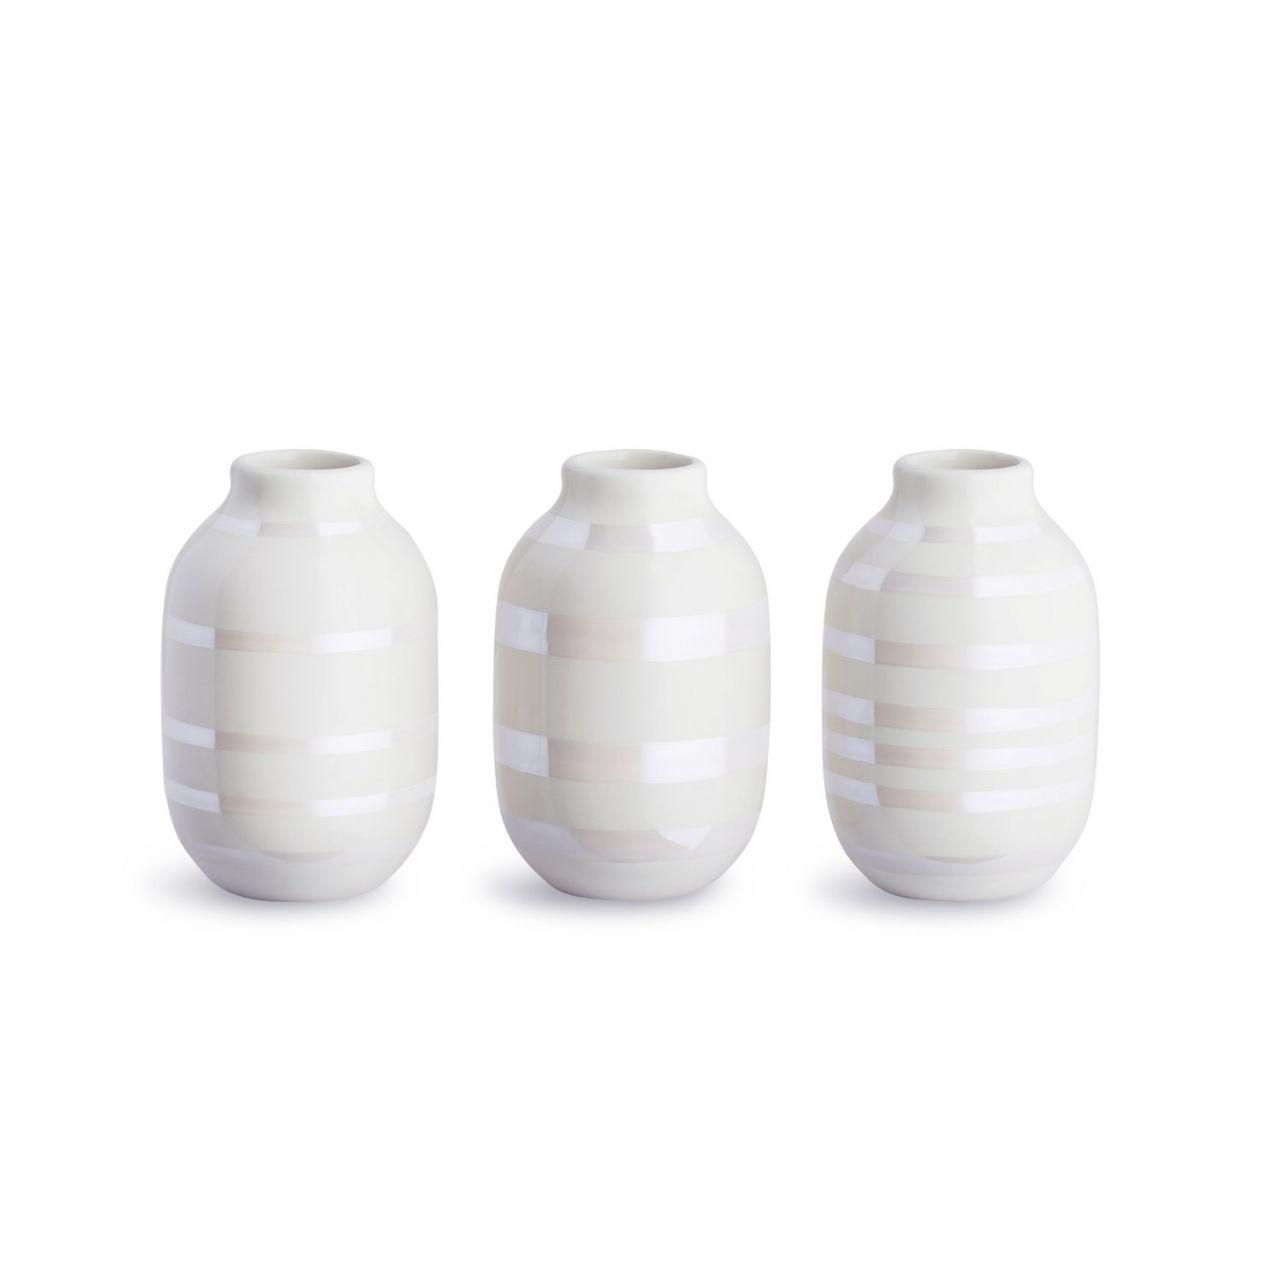 KÄHLER DESIGN Kähler - Omaggio Vase Mini (3 Stk.) 16053